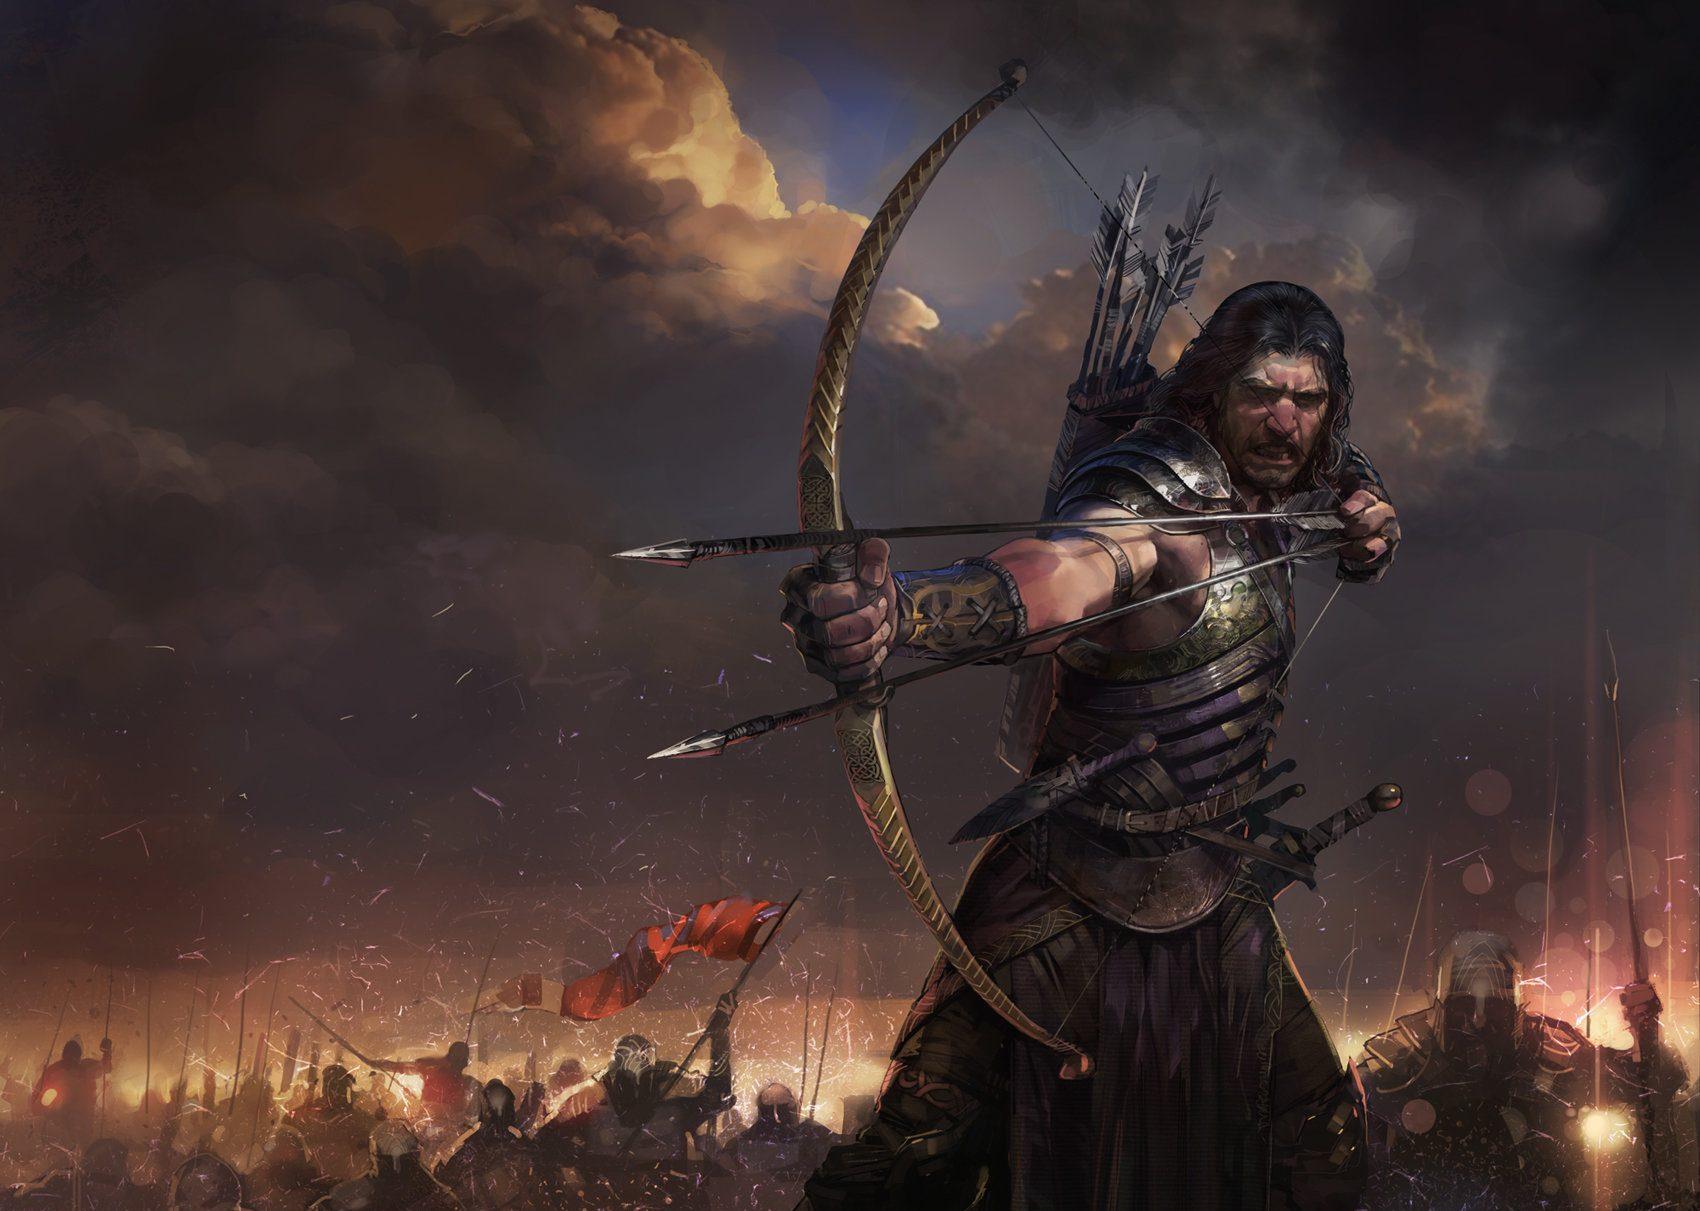 Archer by Faraz Shanyar